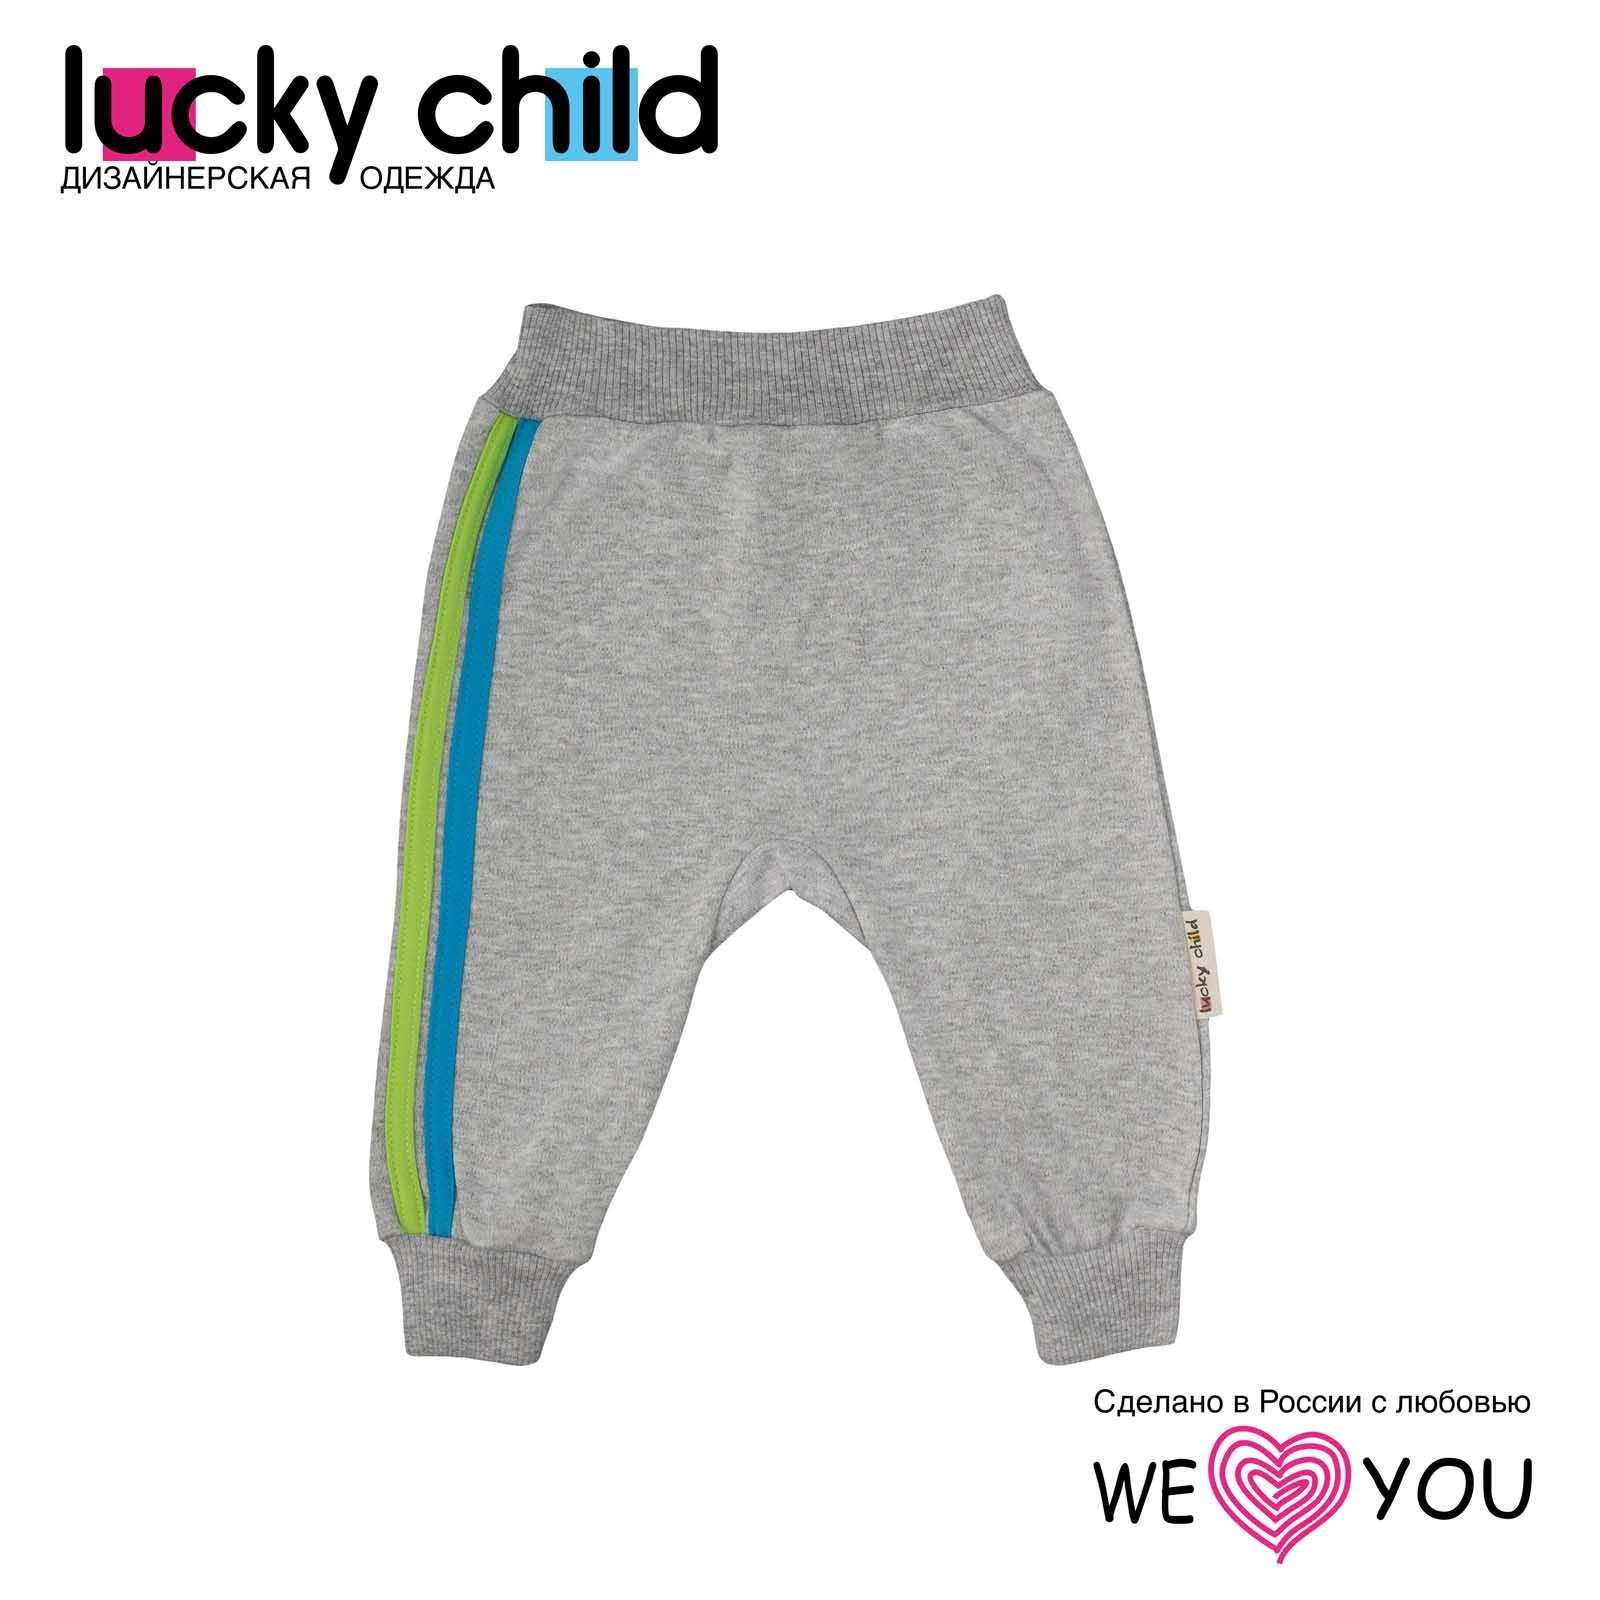 Штанишки Lucky Child, коллекция Спортивная линия, для мальчика размер 80<br>